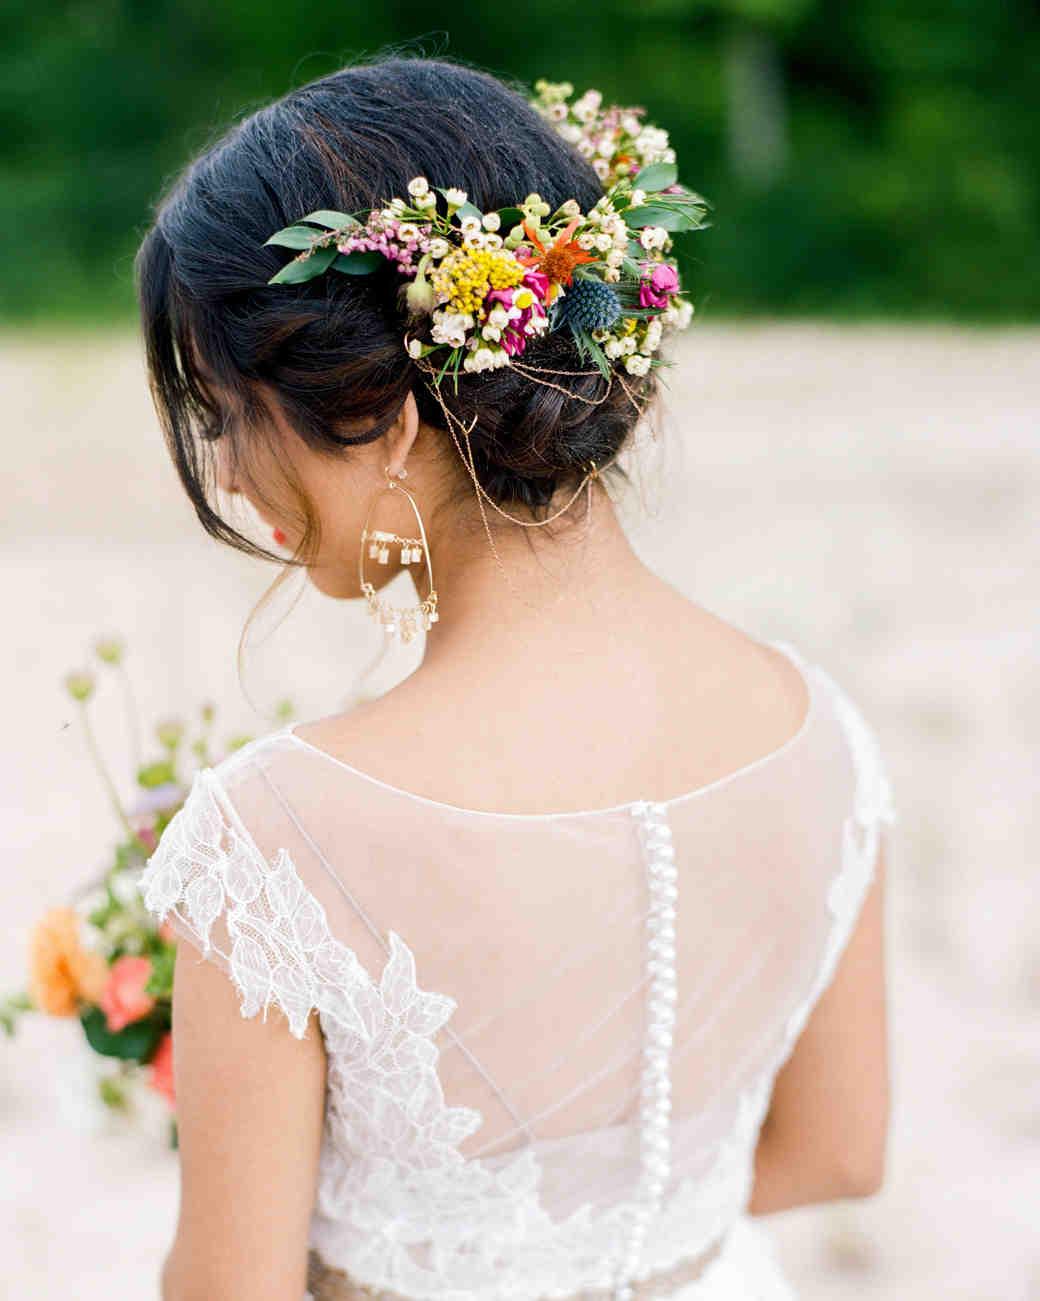 Martha Stewart Wedding Updos